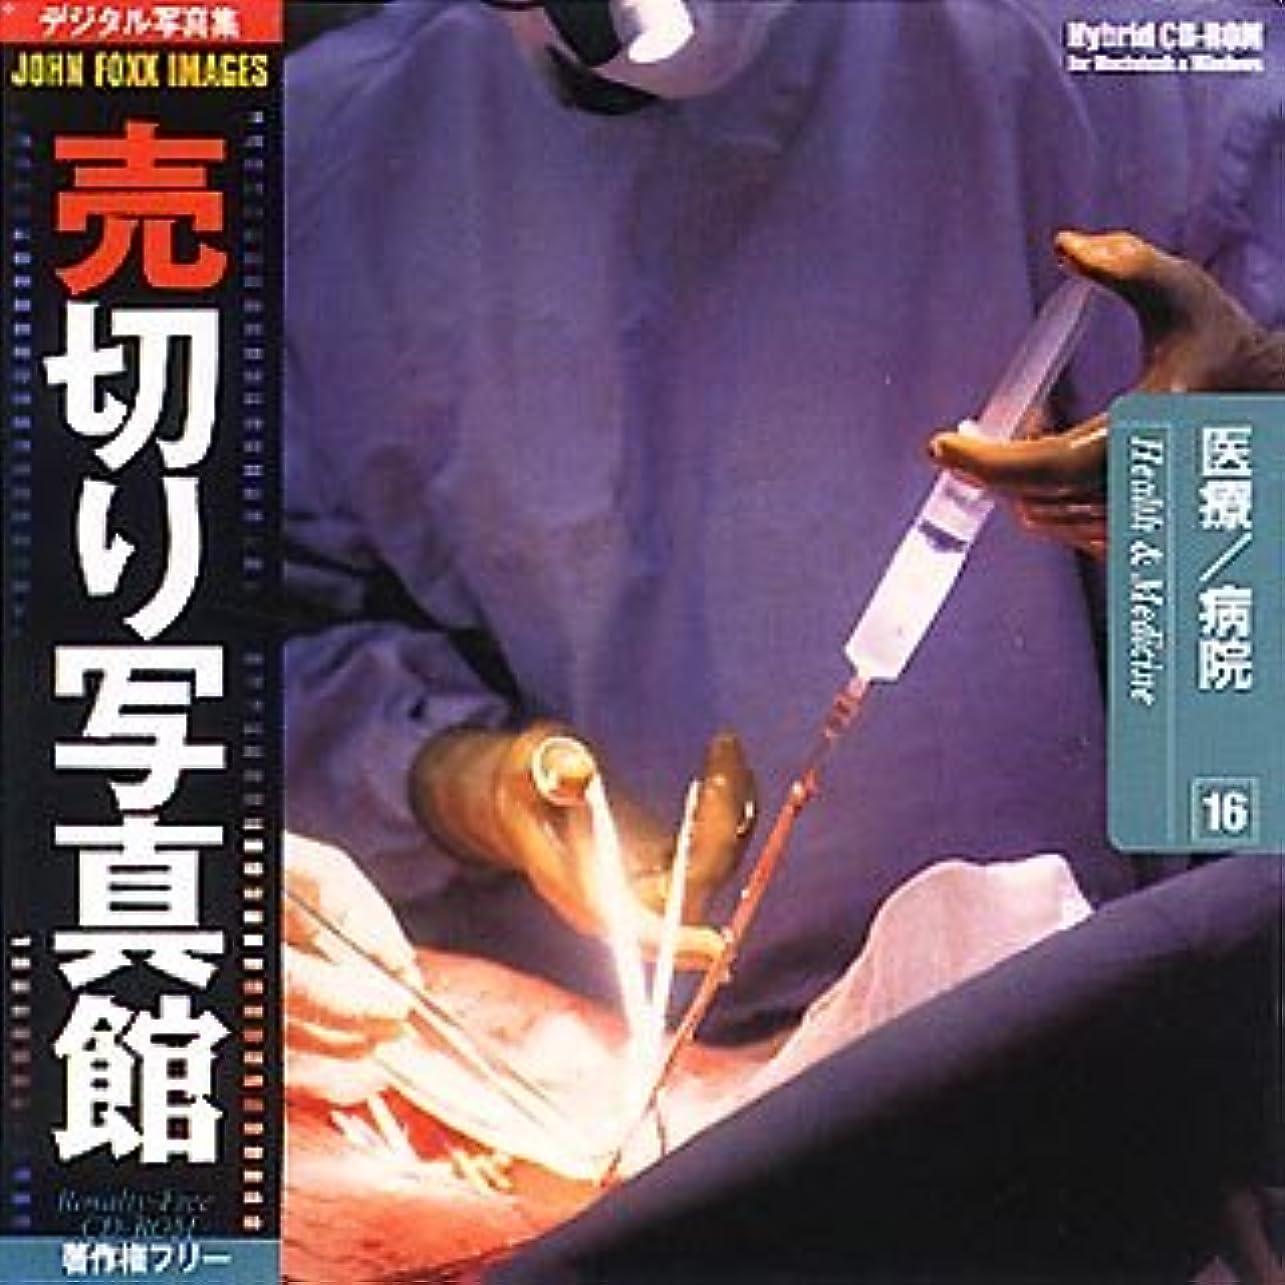 リダクター貝殻こっそり売切り写真館 JFIシリーズ 16 医療/病院